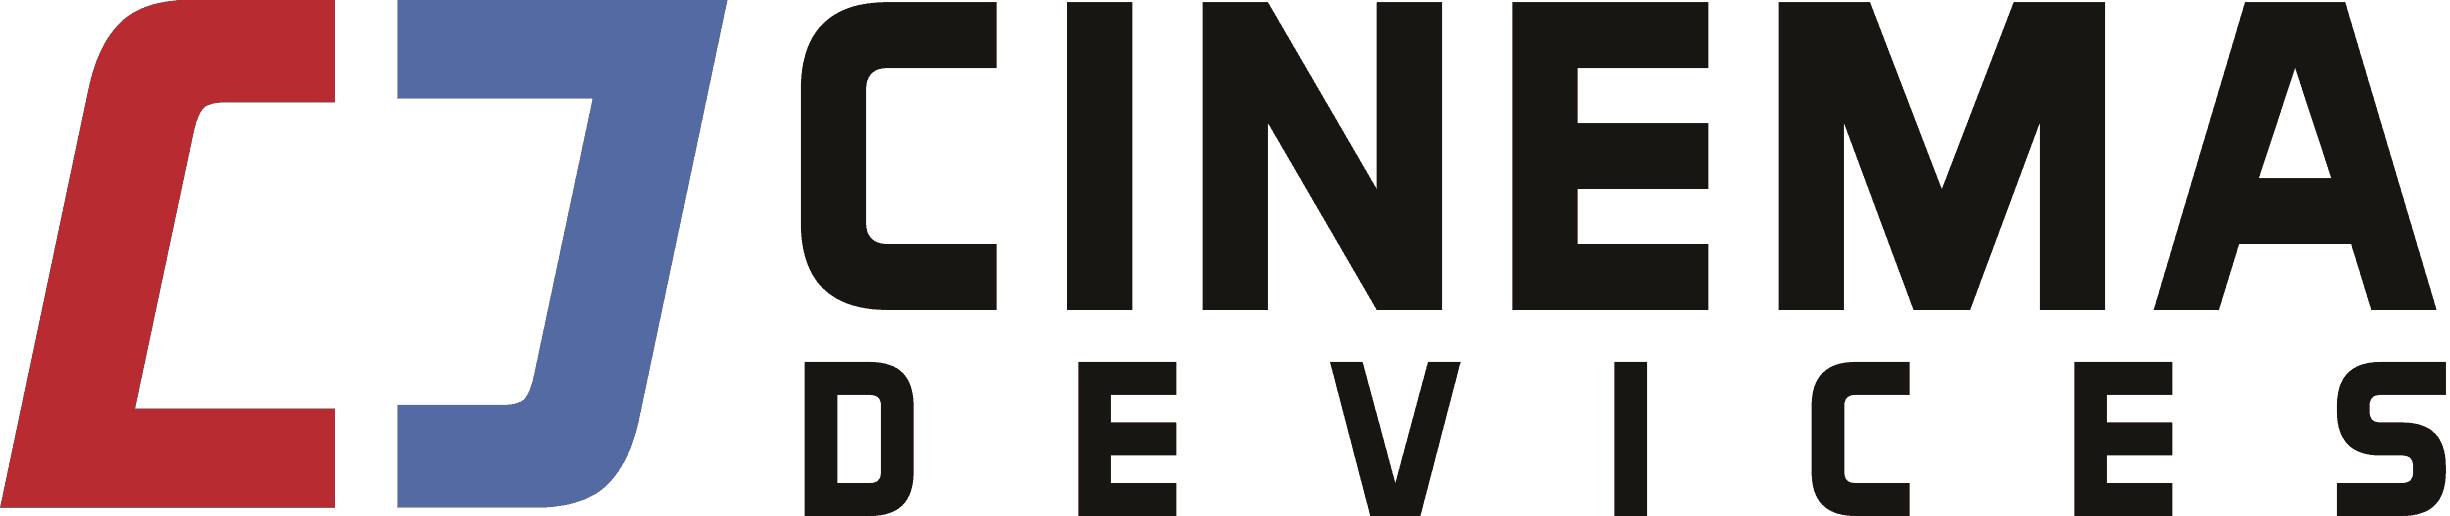 Cinema Devices